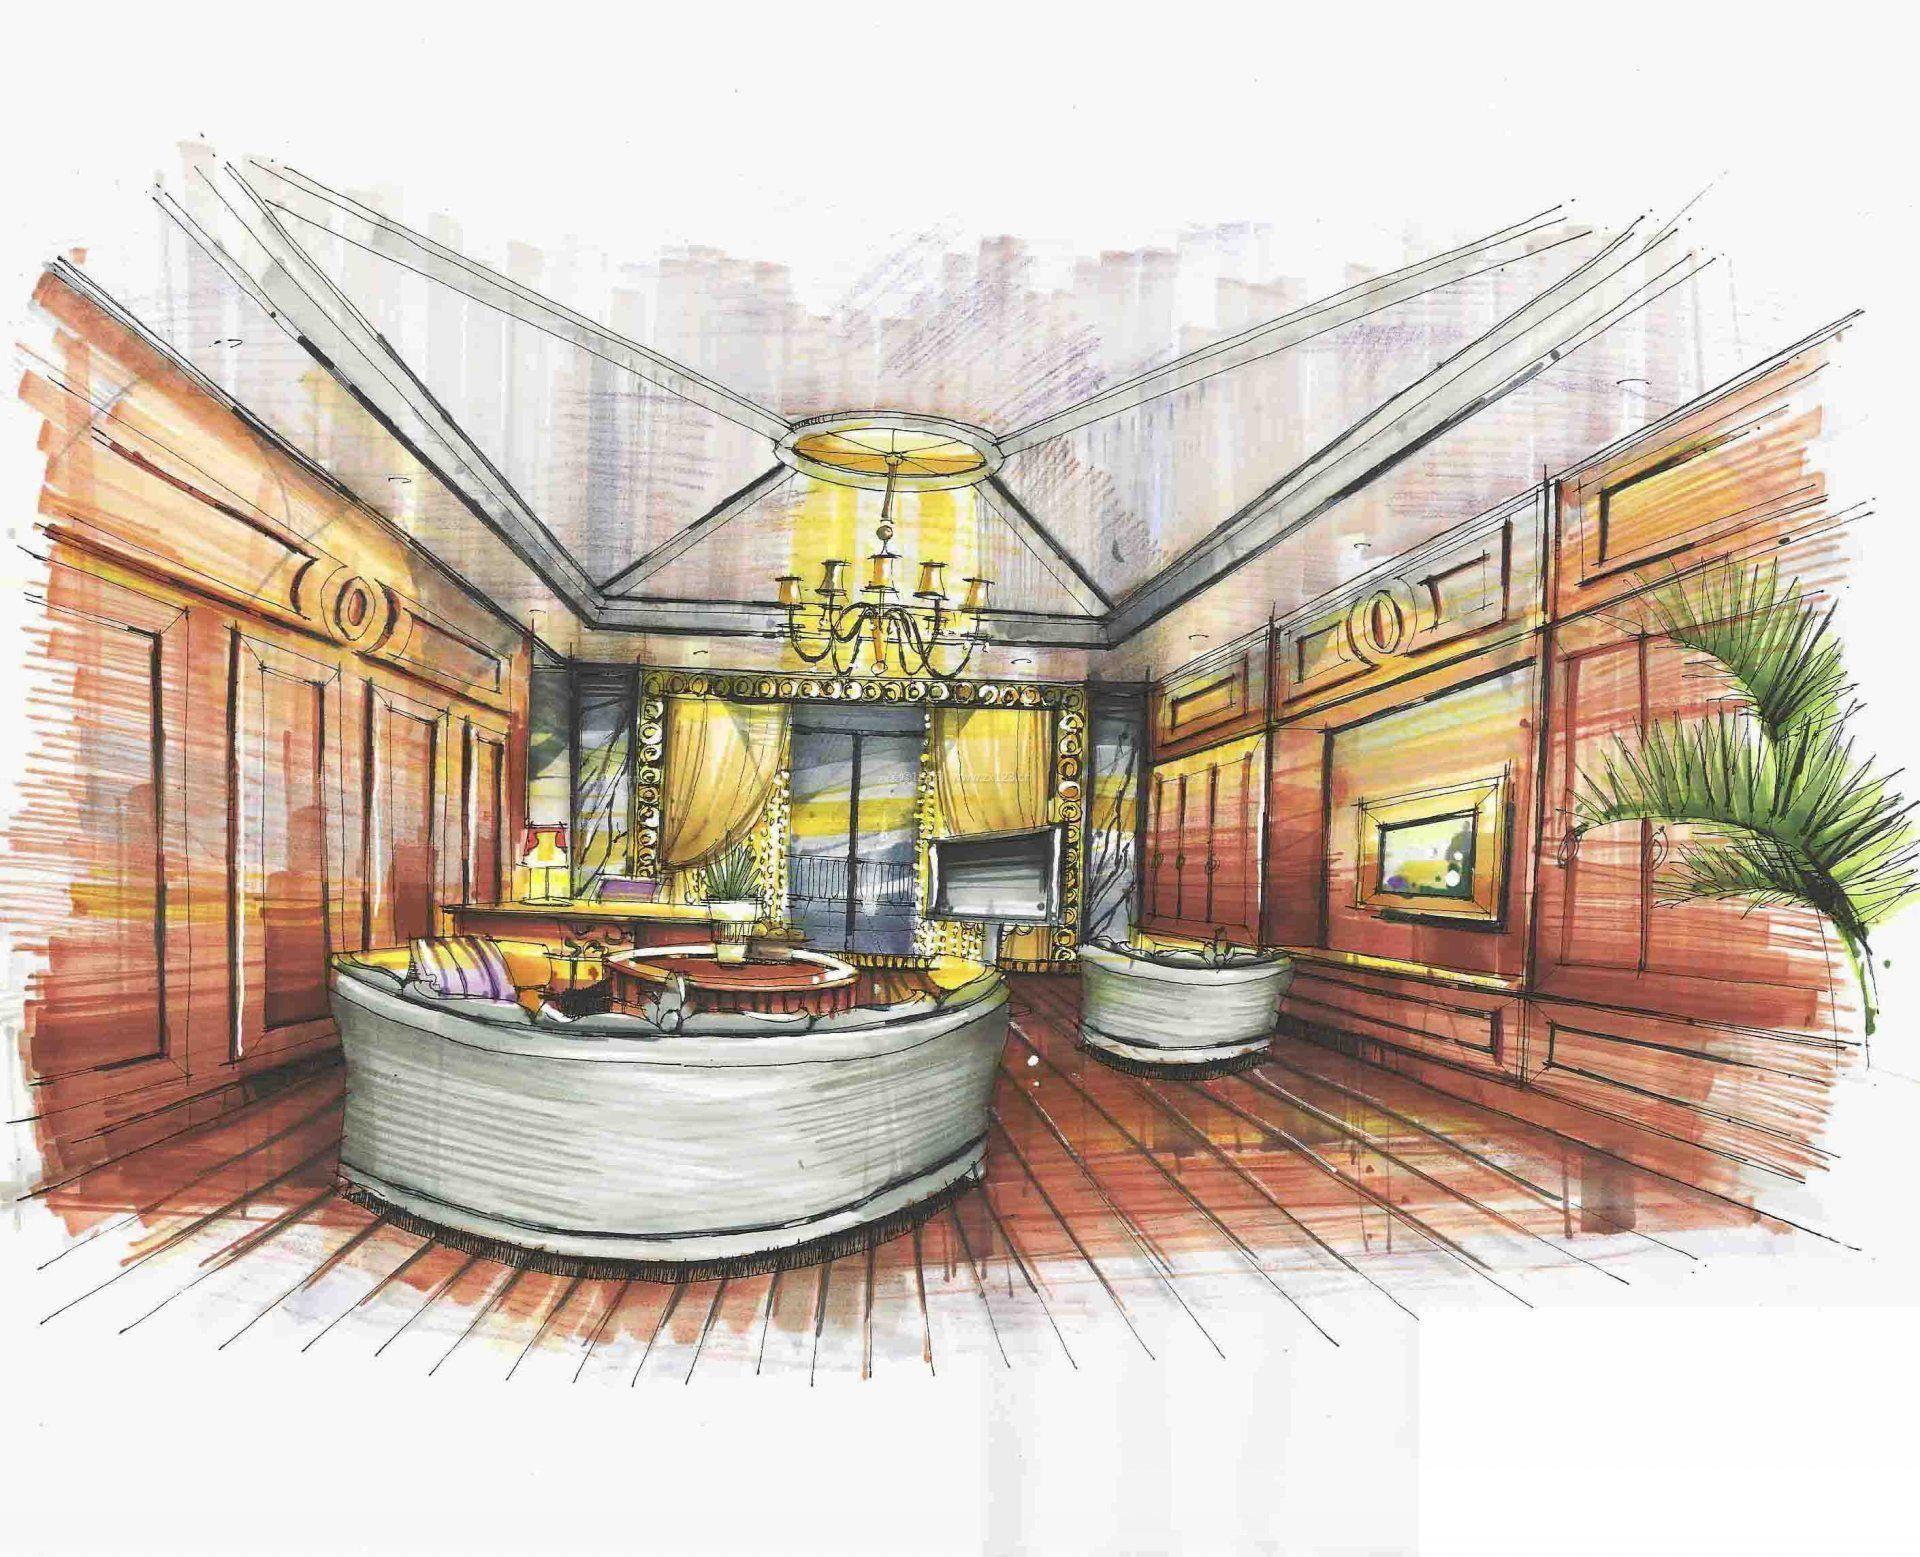 西餐厅厨房设计手绘_手绘